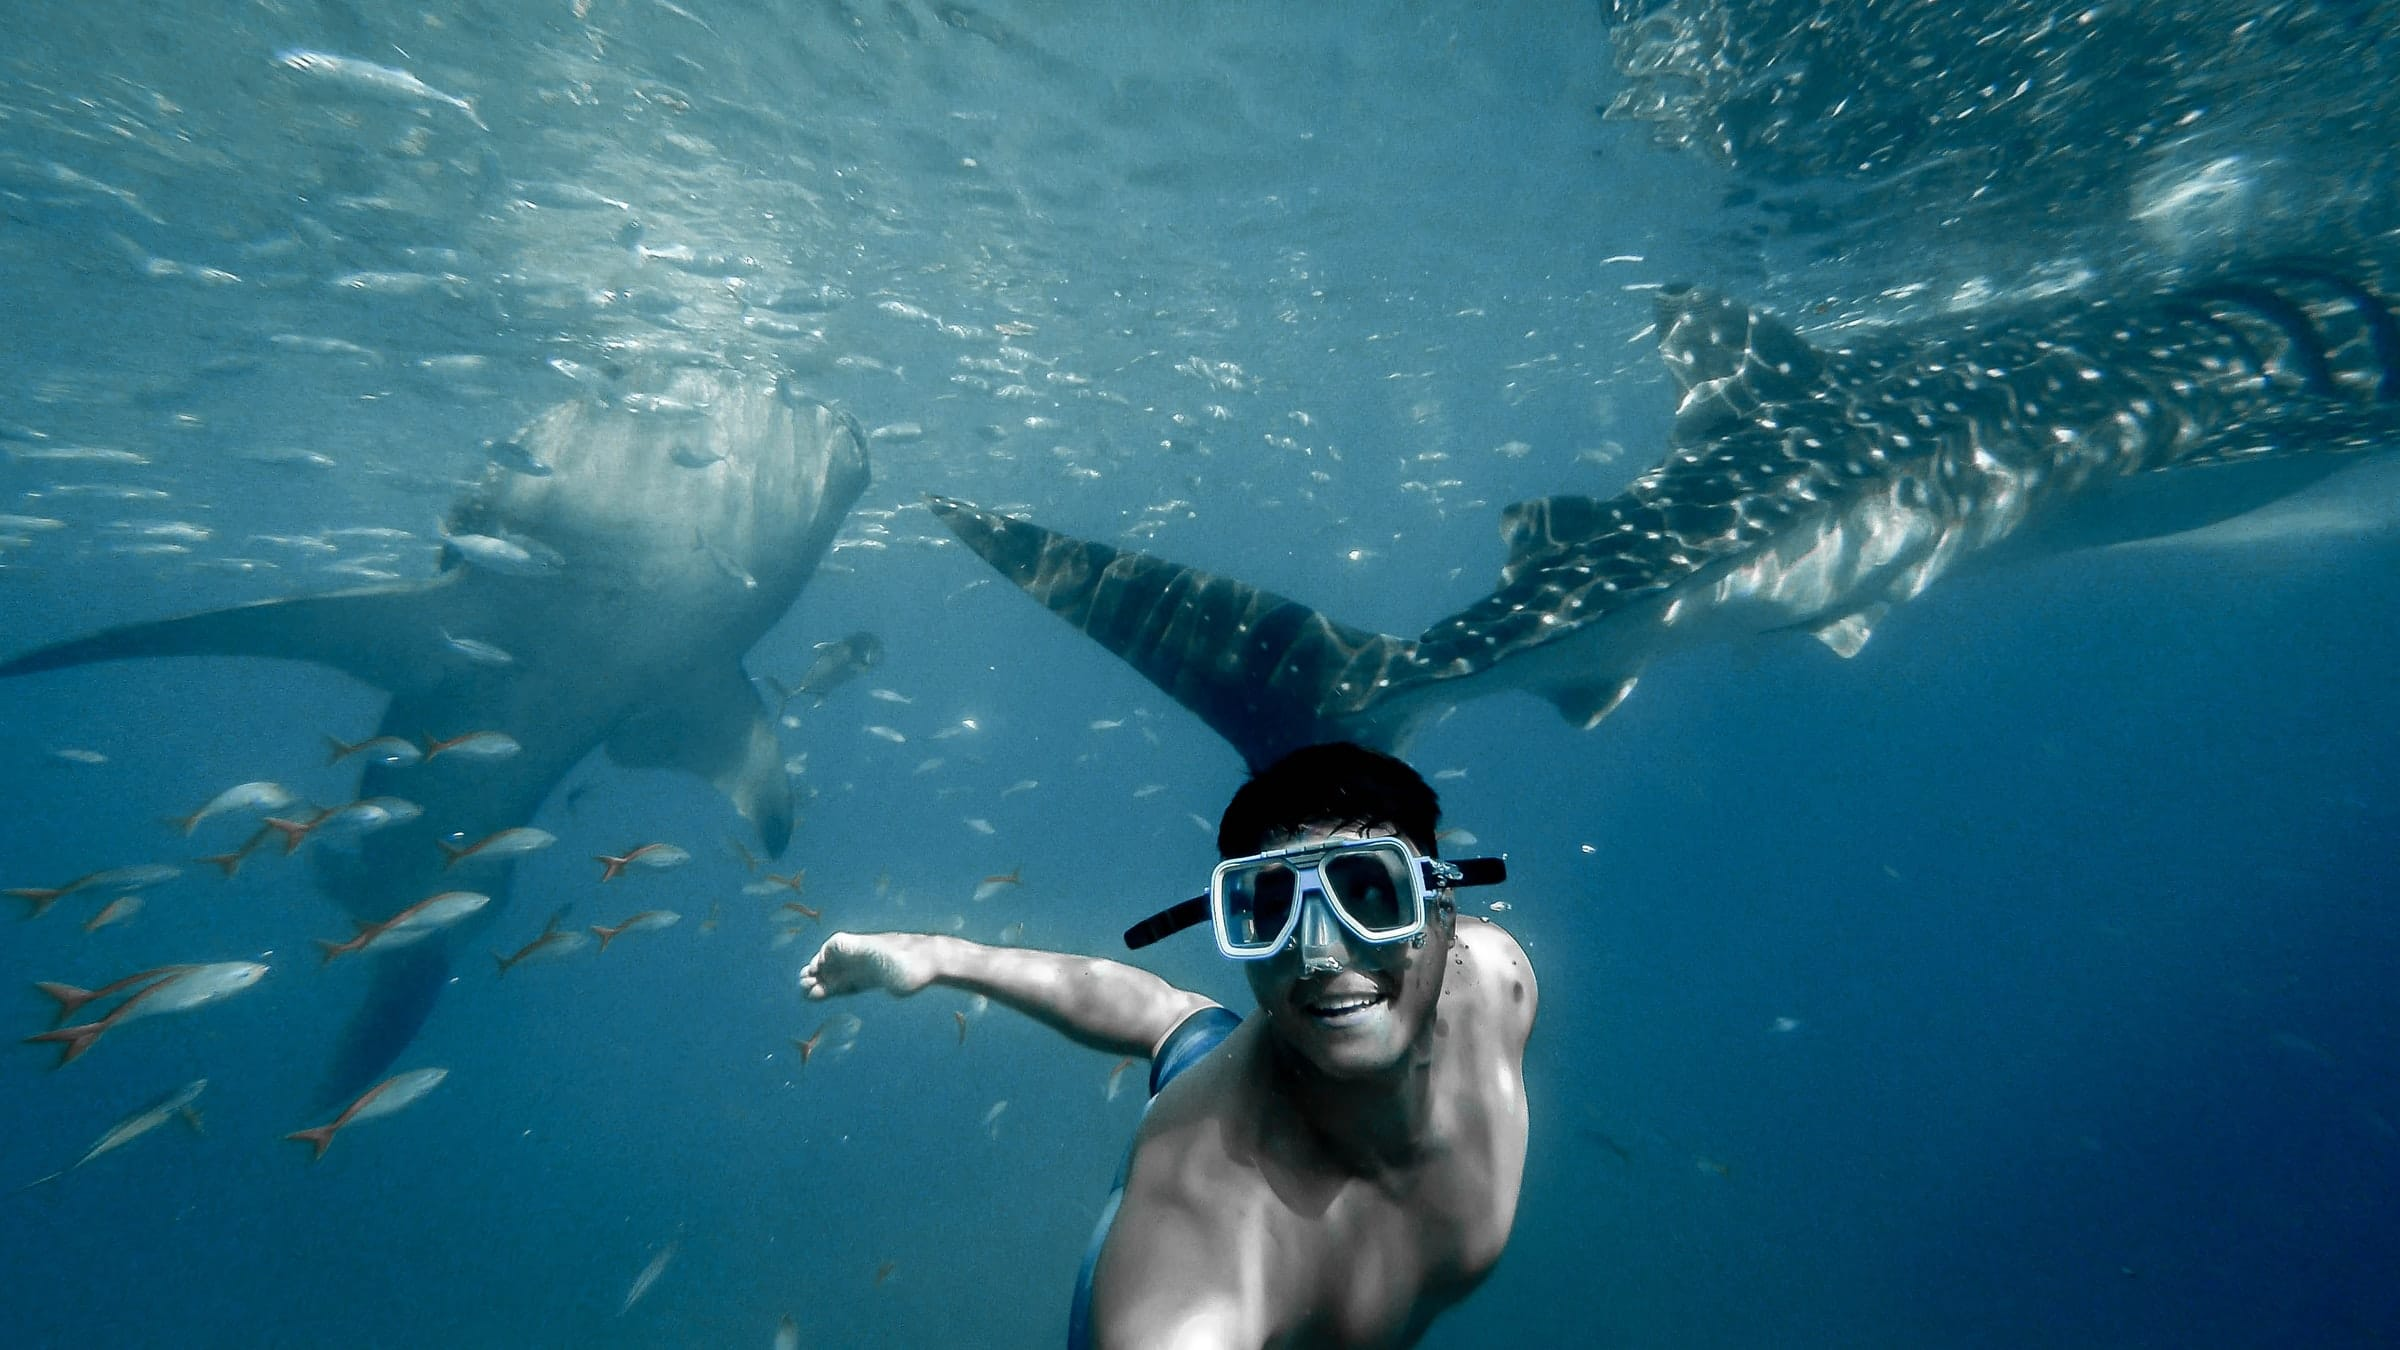 Laki-Laki Diving (mjliao)